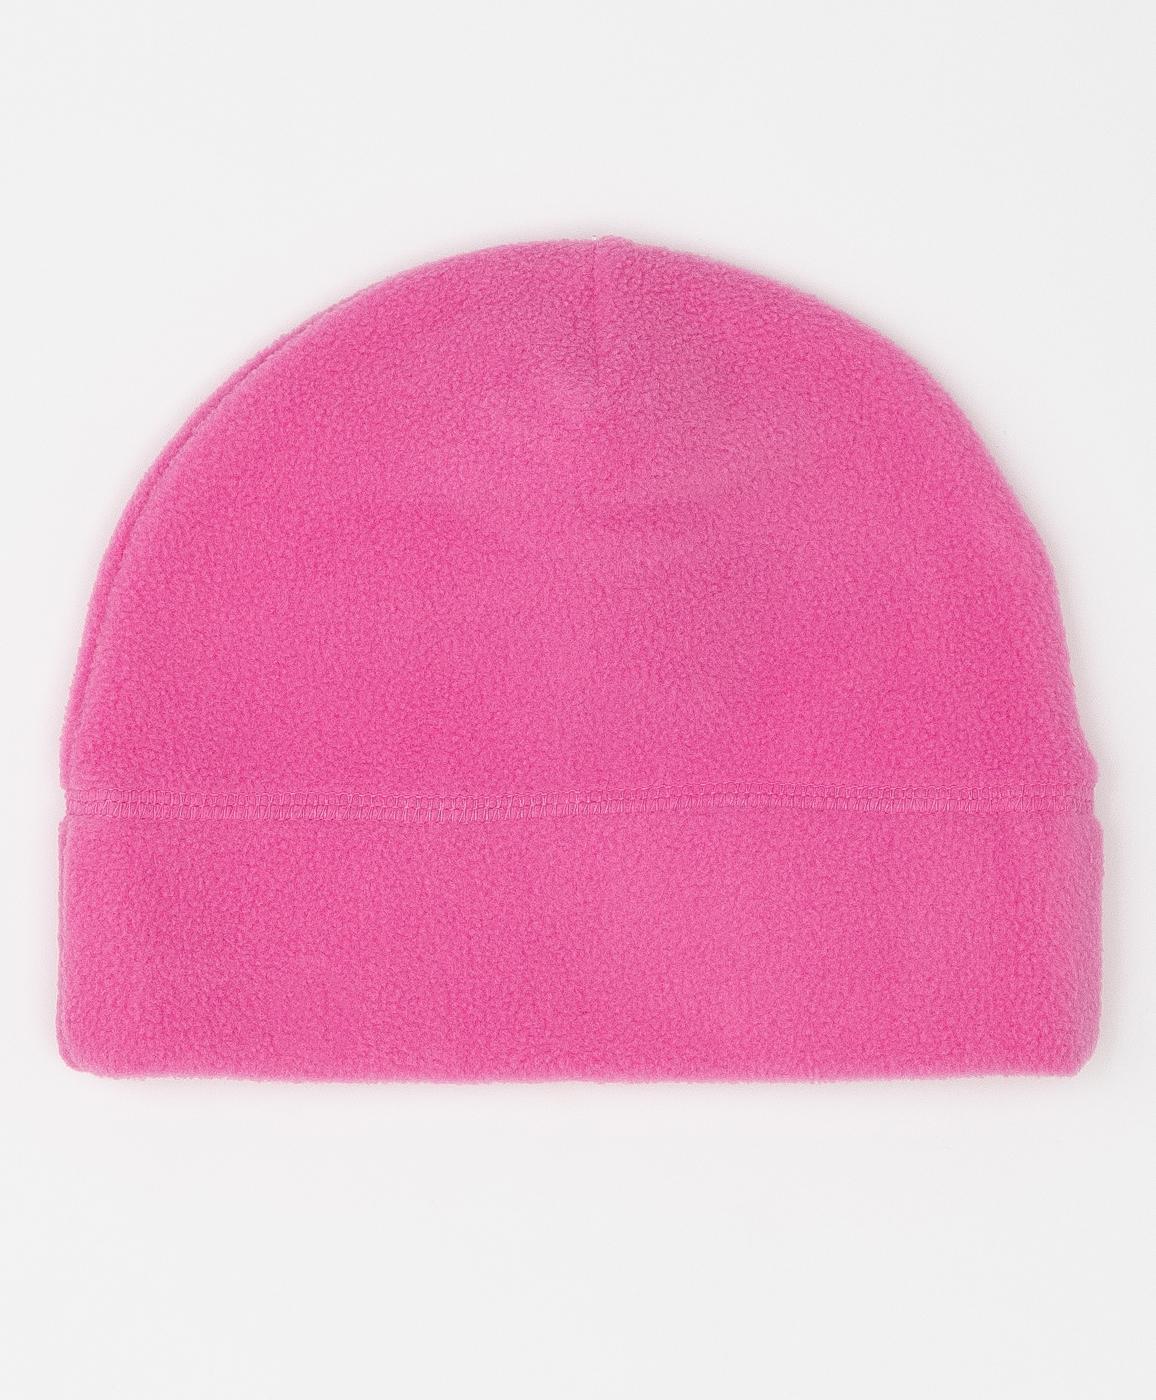 Купить 220BBGA73021200, Розовая флисовая шапка Button Blue, розовый, 56, Флис, Женский, Зима, ОСЕНЬ/ЗИМА 2020-2021 (shop: GulliverMarket Gulliver Market)